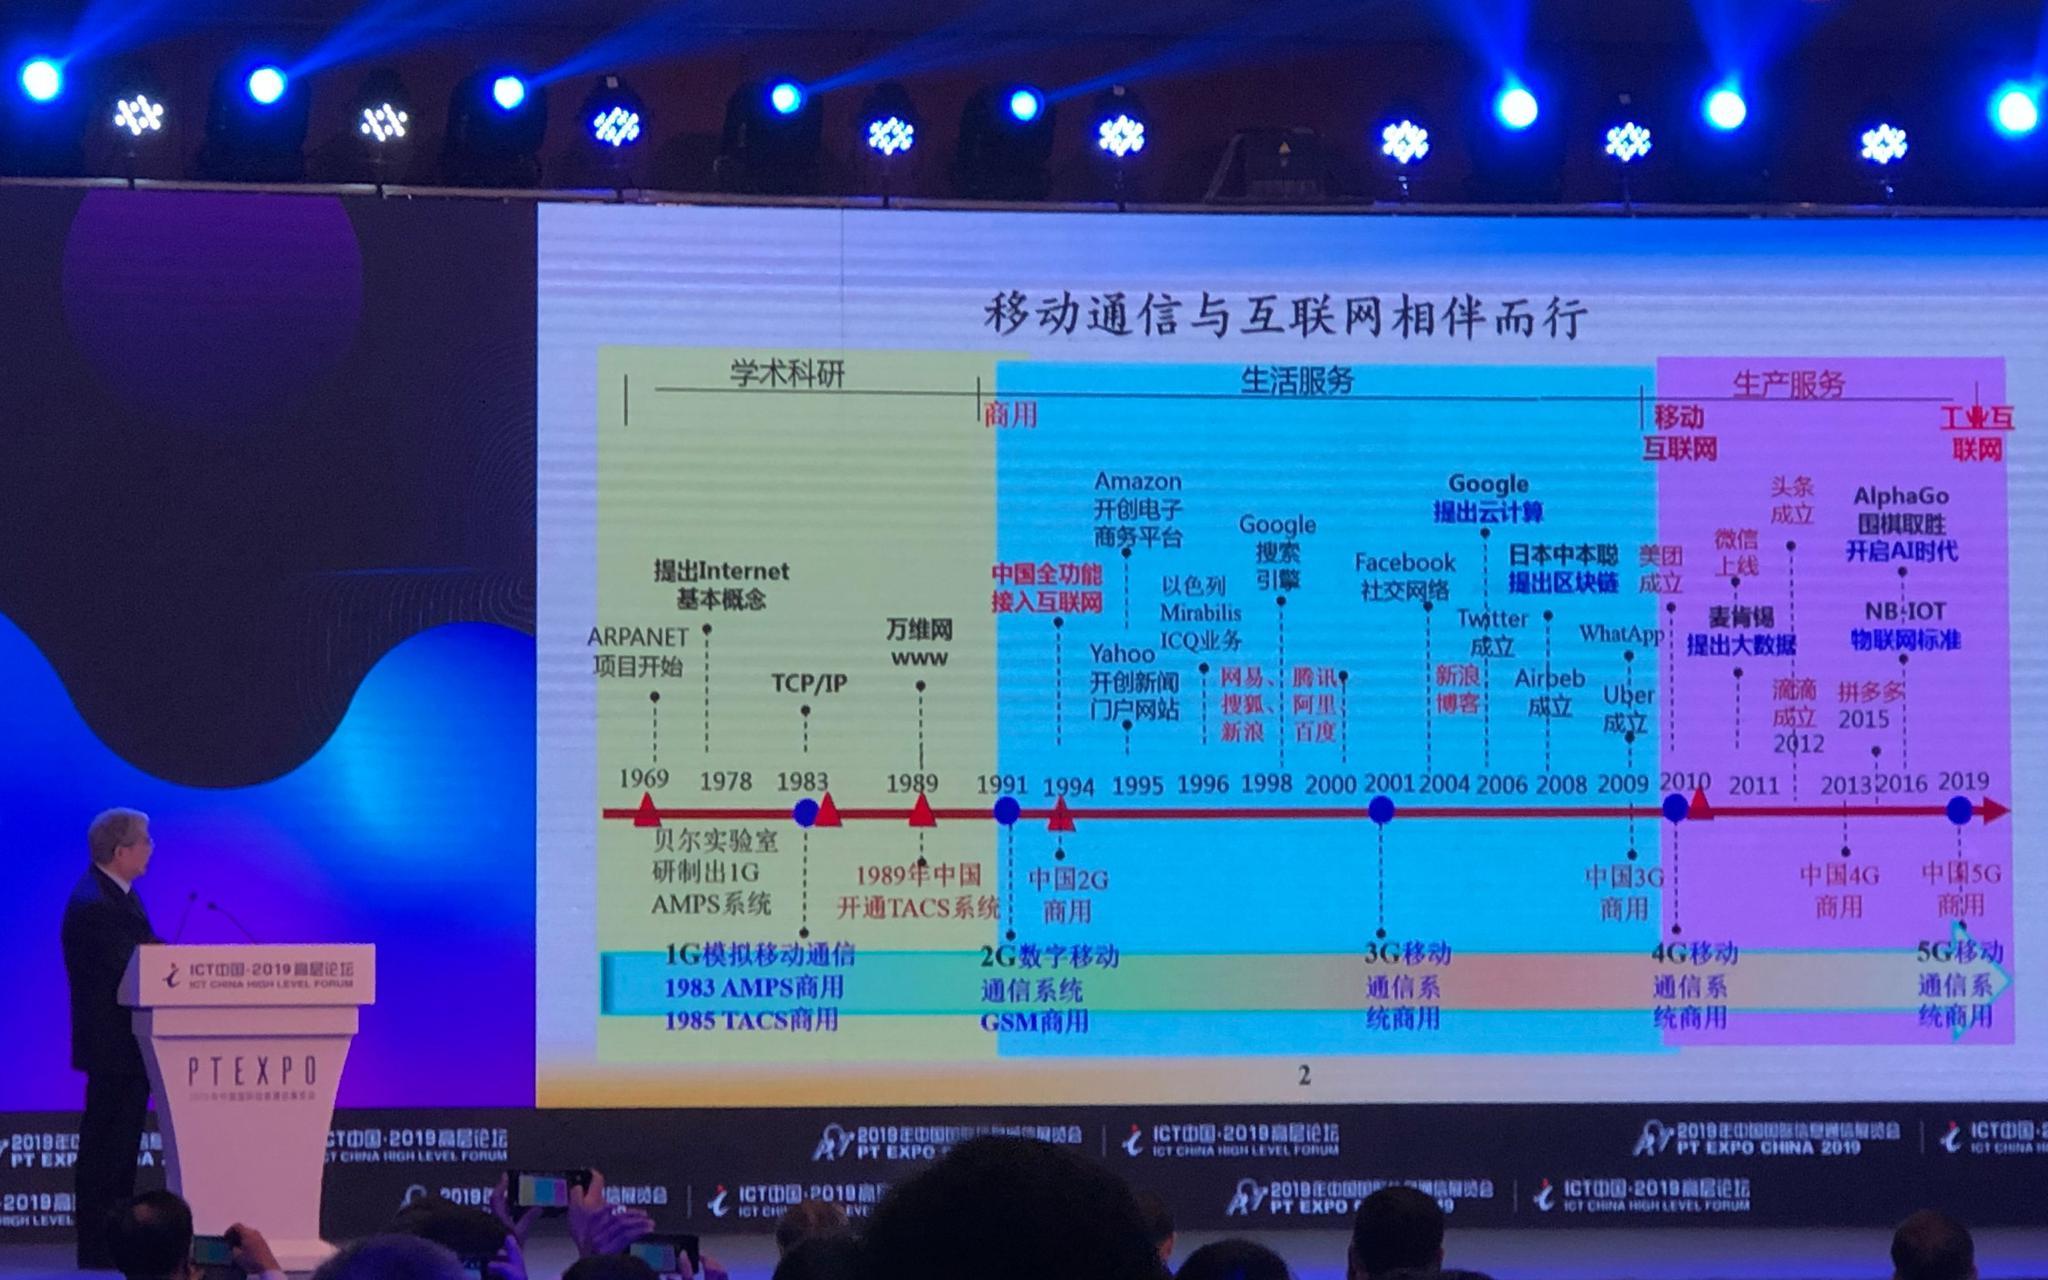 98彩票网站可靠吗_西藏藏医药大学举行庆祝建校30周年大会